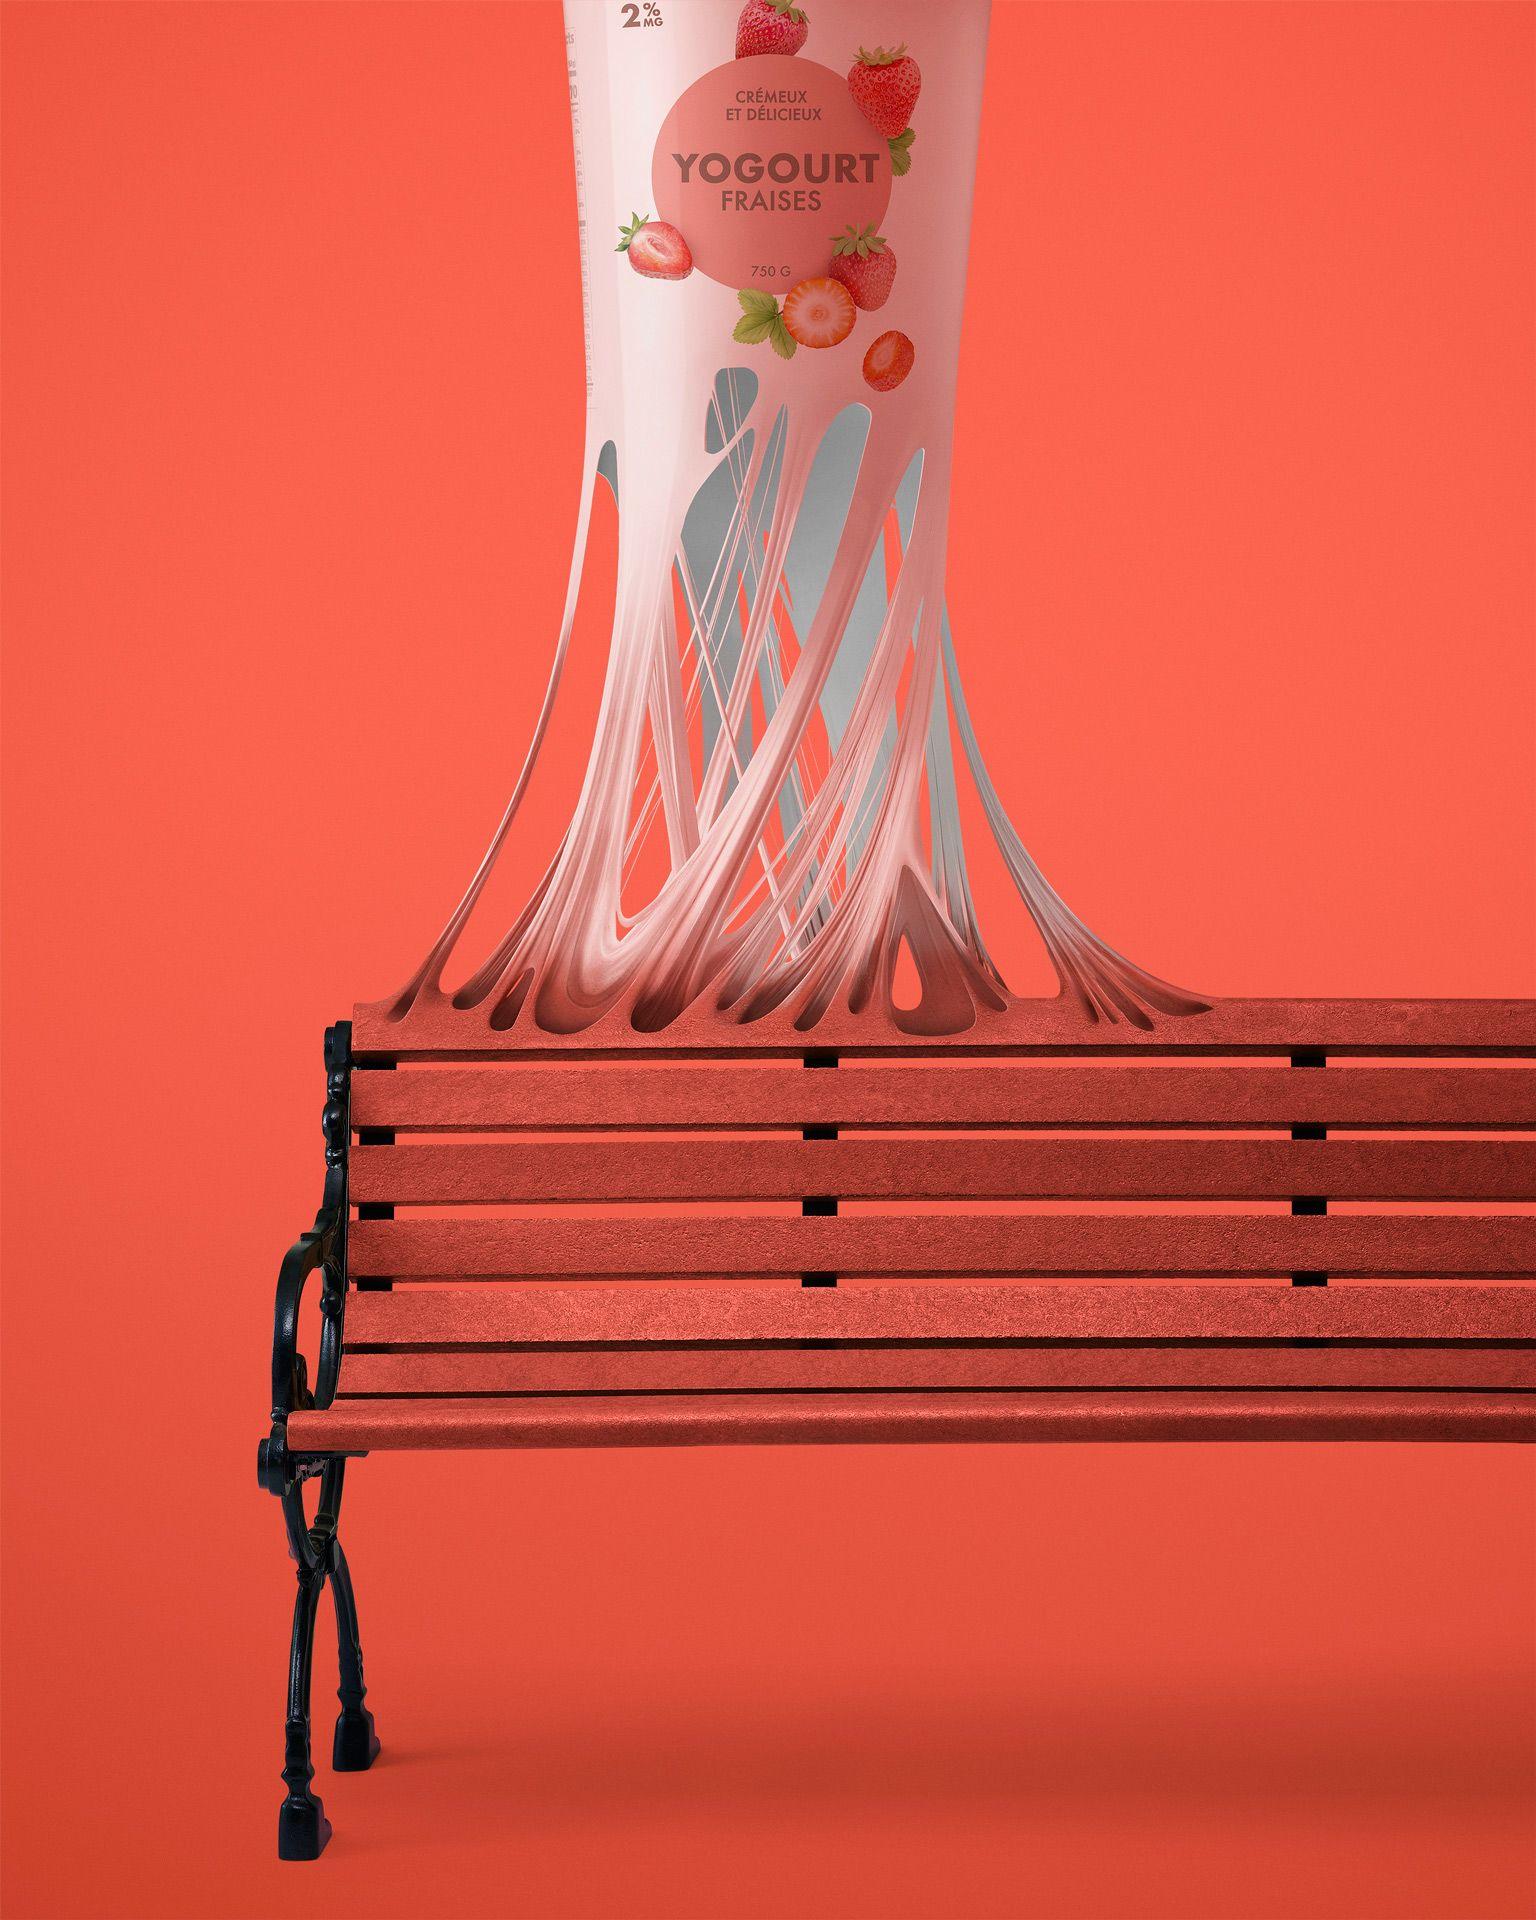 montage photo d'un contenant de yogourt en plastique se transformant en banc public par Mathieu Lévesque pour Recyc-Québec